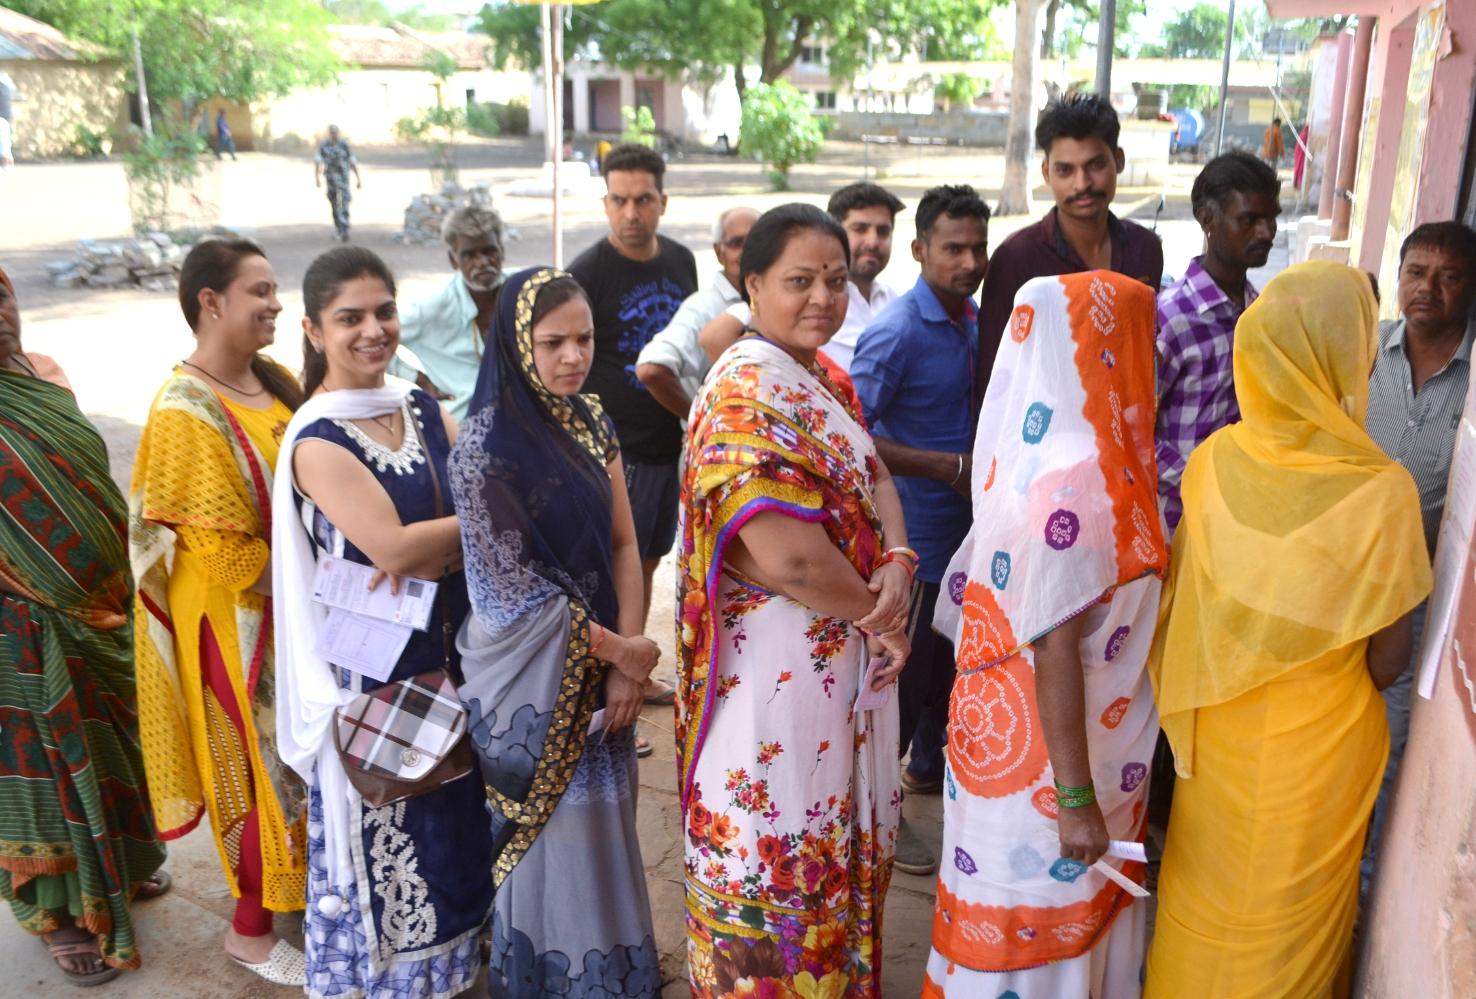 लोकसभा चुनाव में बरसी महिलाओं की मेहरबानी